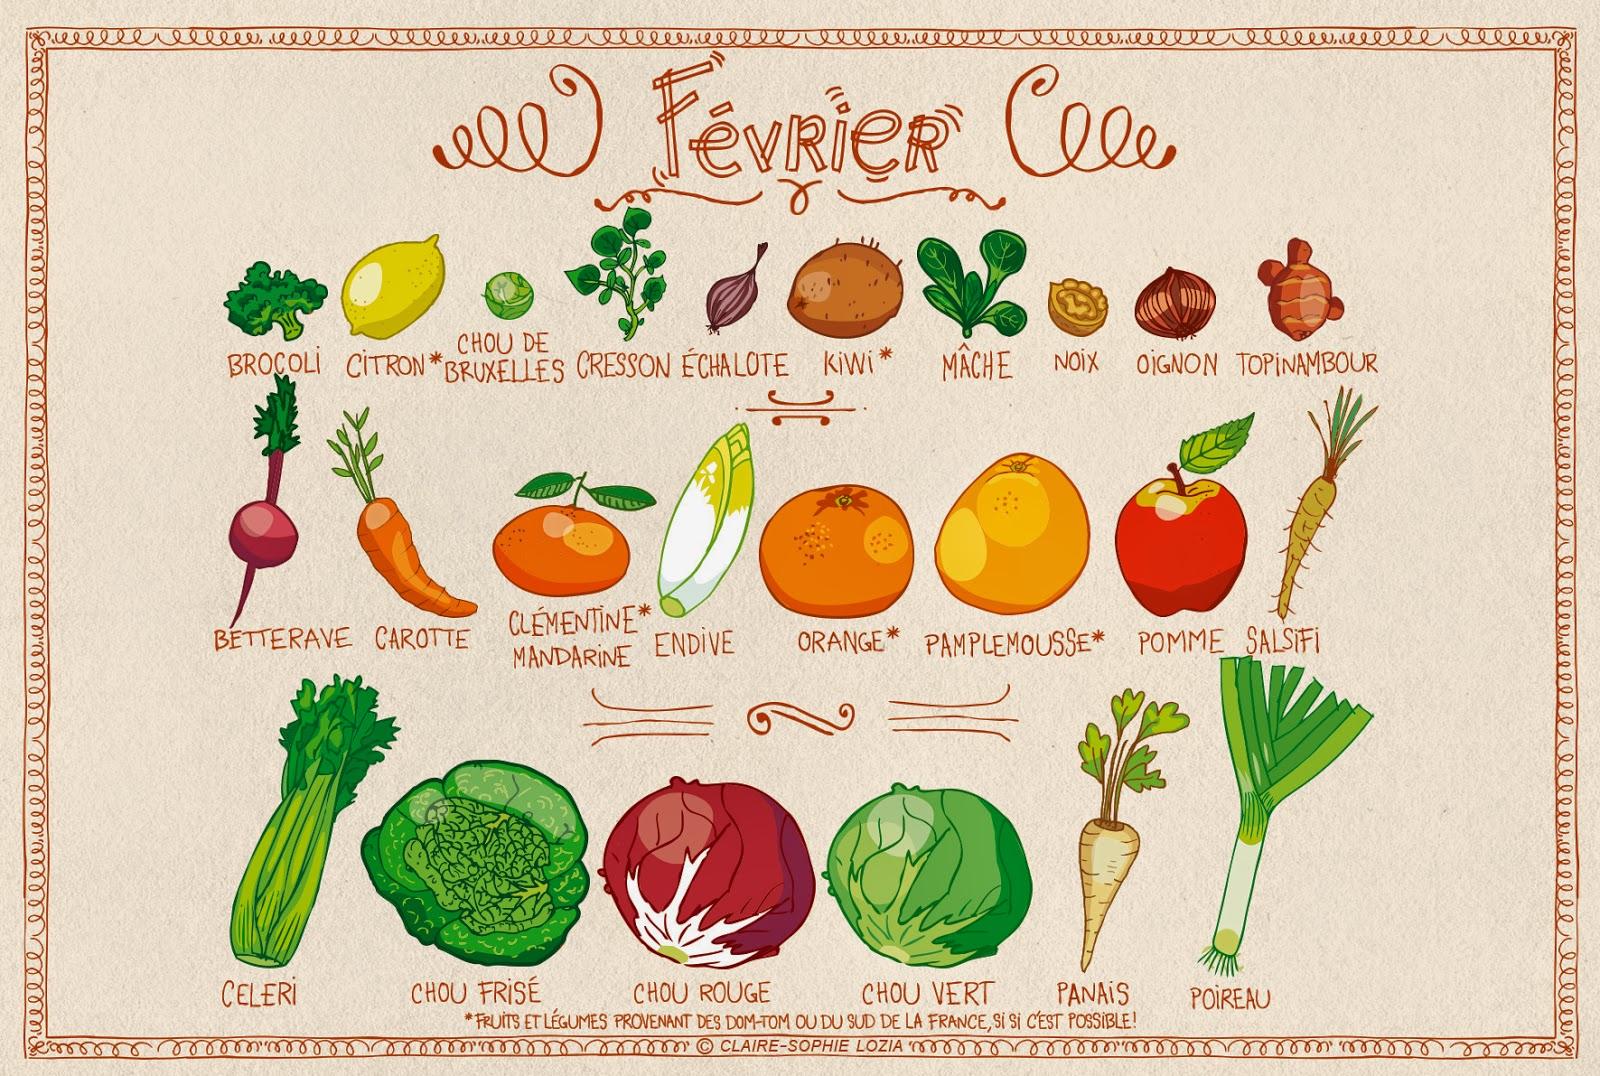 Calendrier fruits et legumes de Février